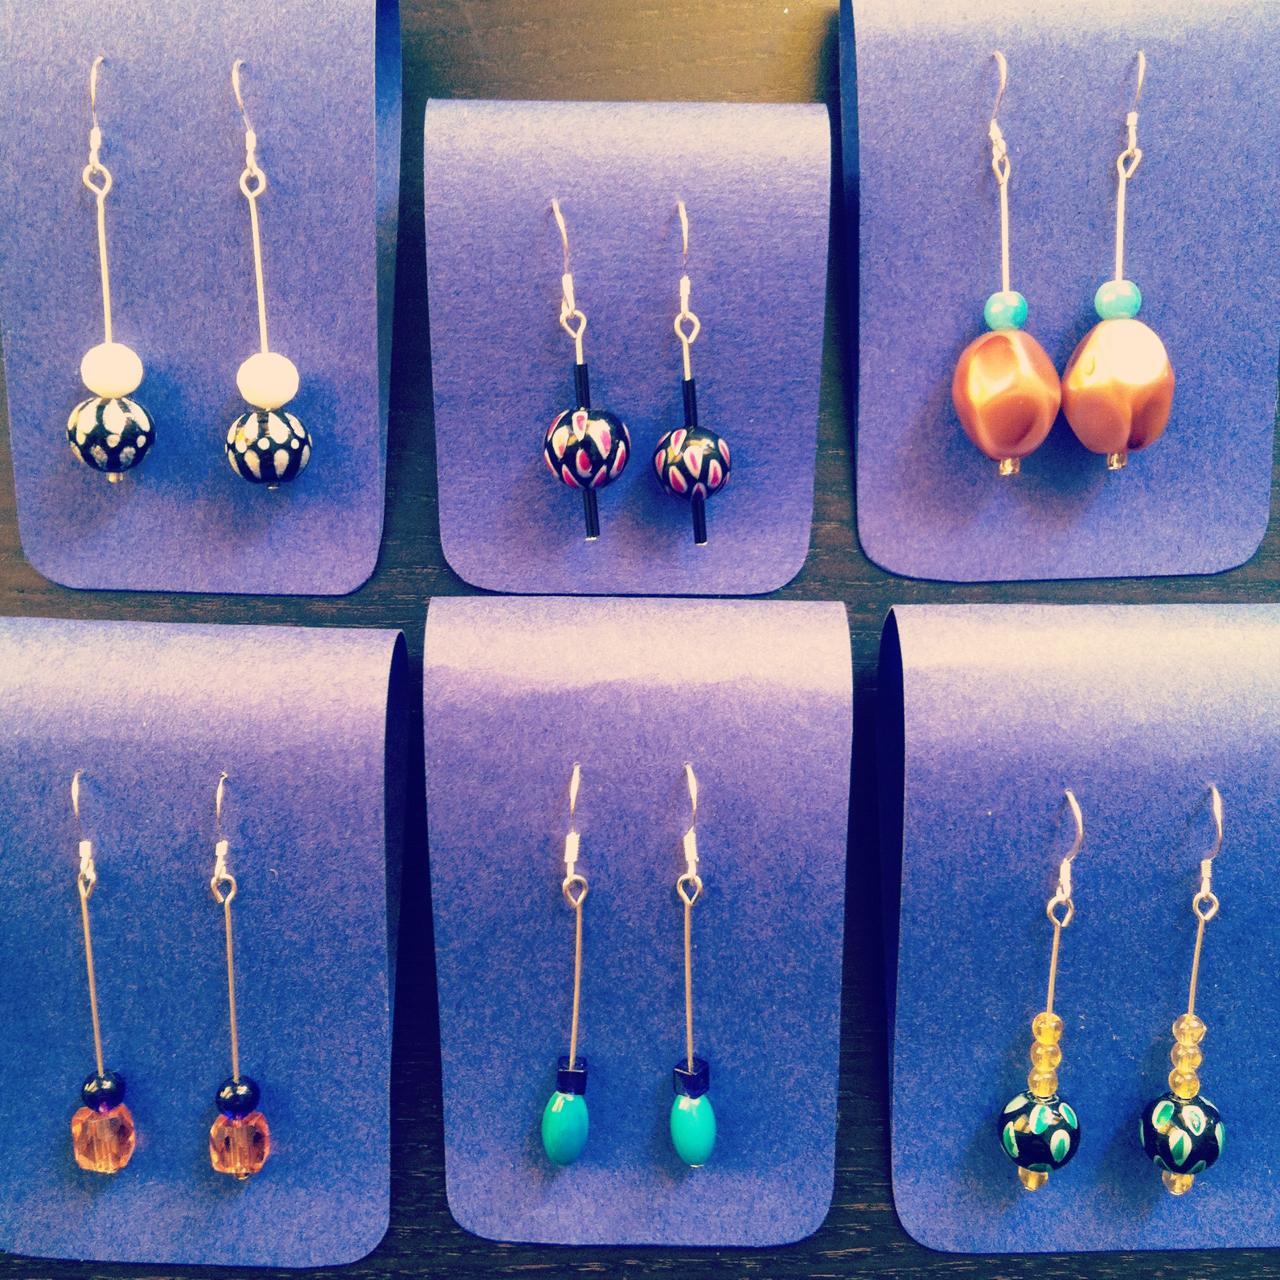 Some new beaded earrings.